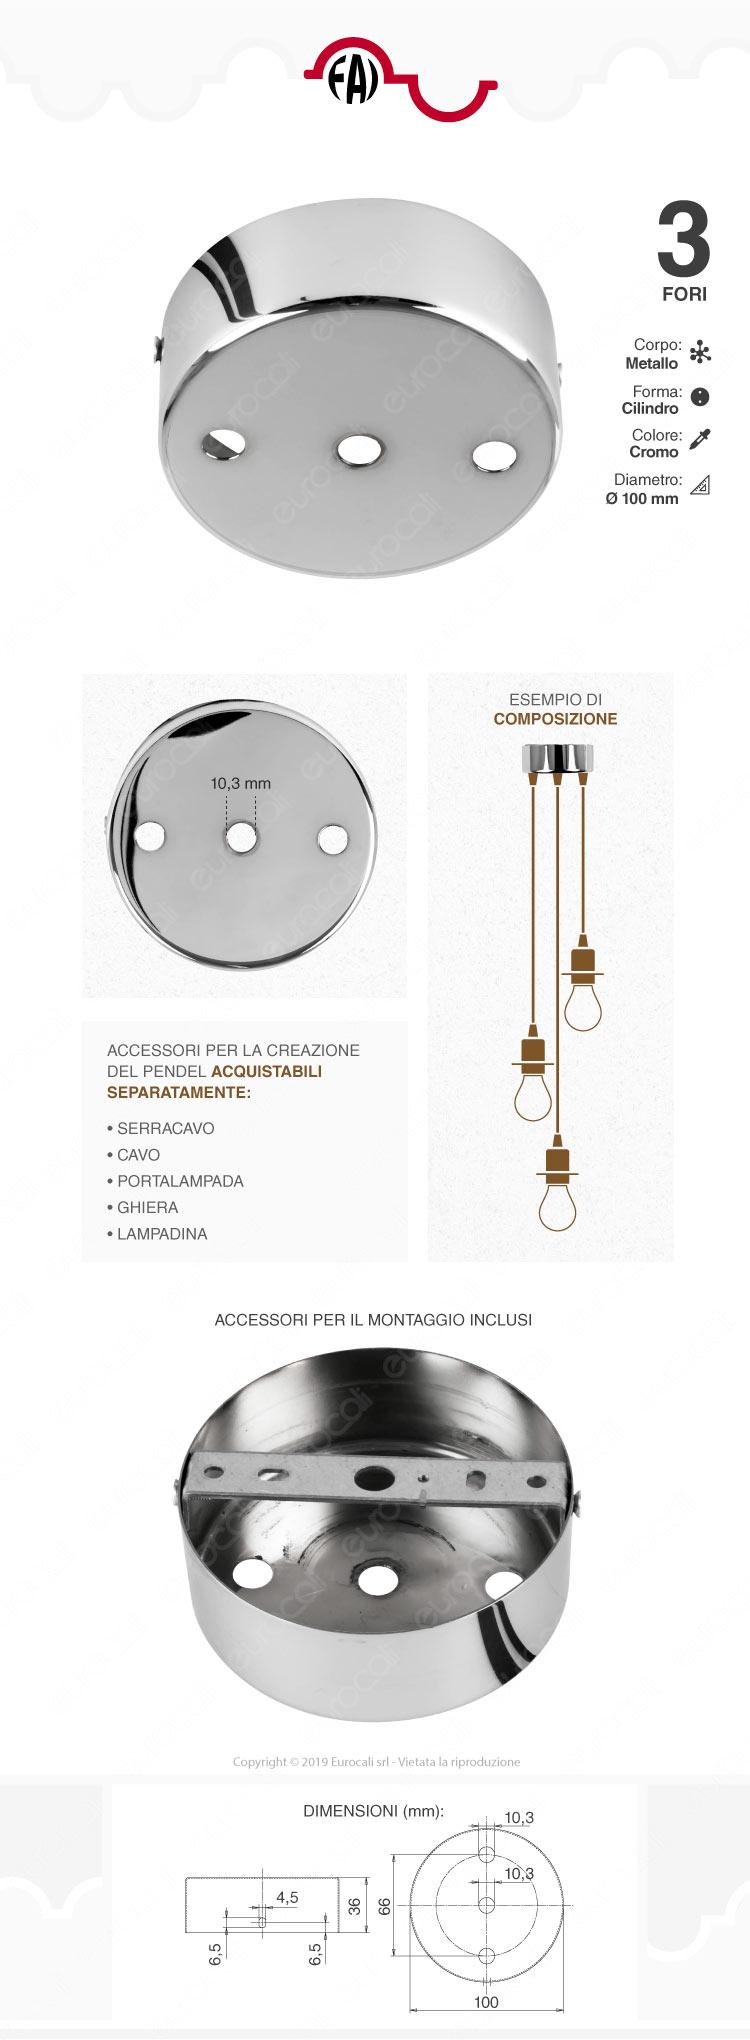 FAI Rosone Cilindrico in Metallo 3 Fori Colore Cromo